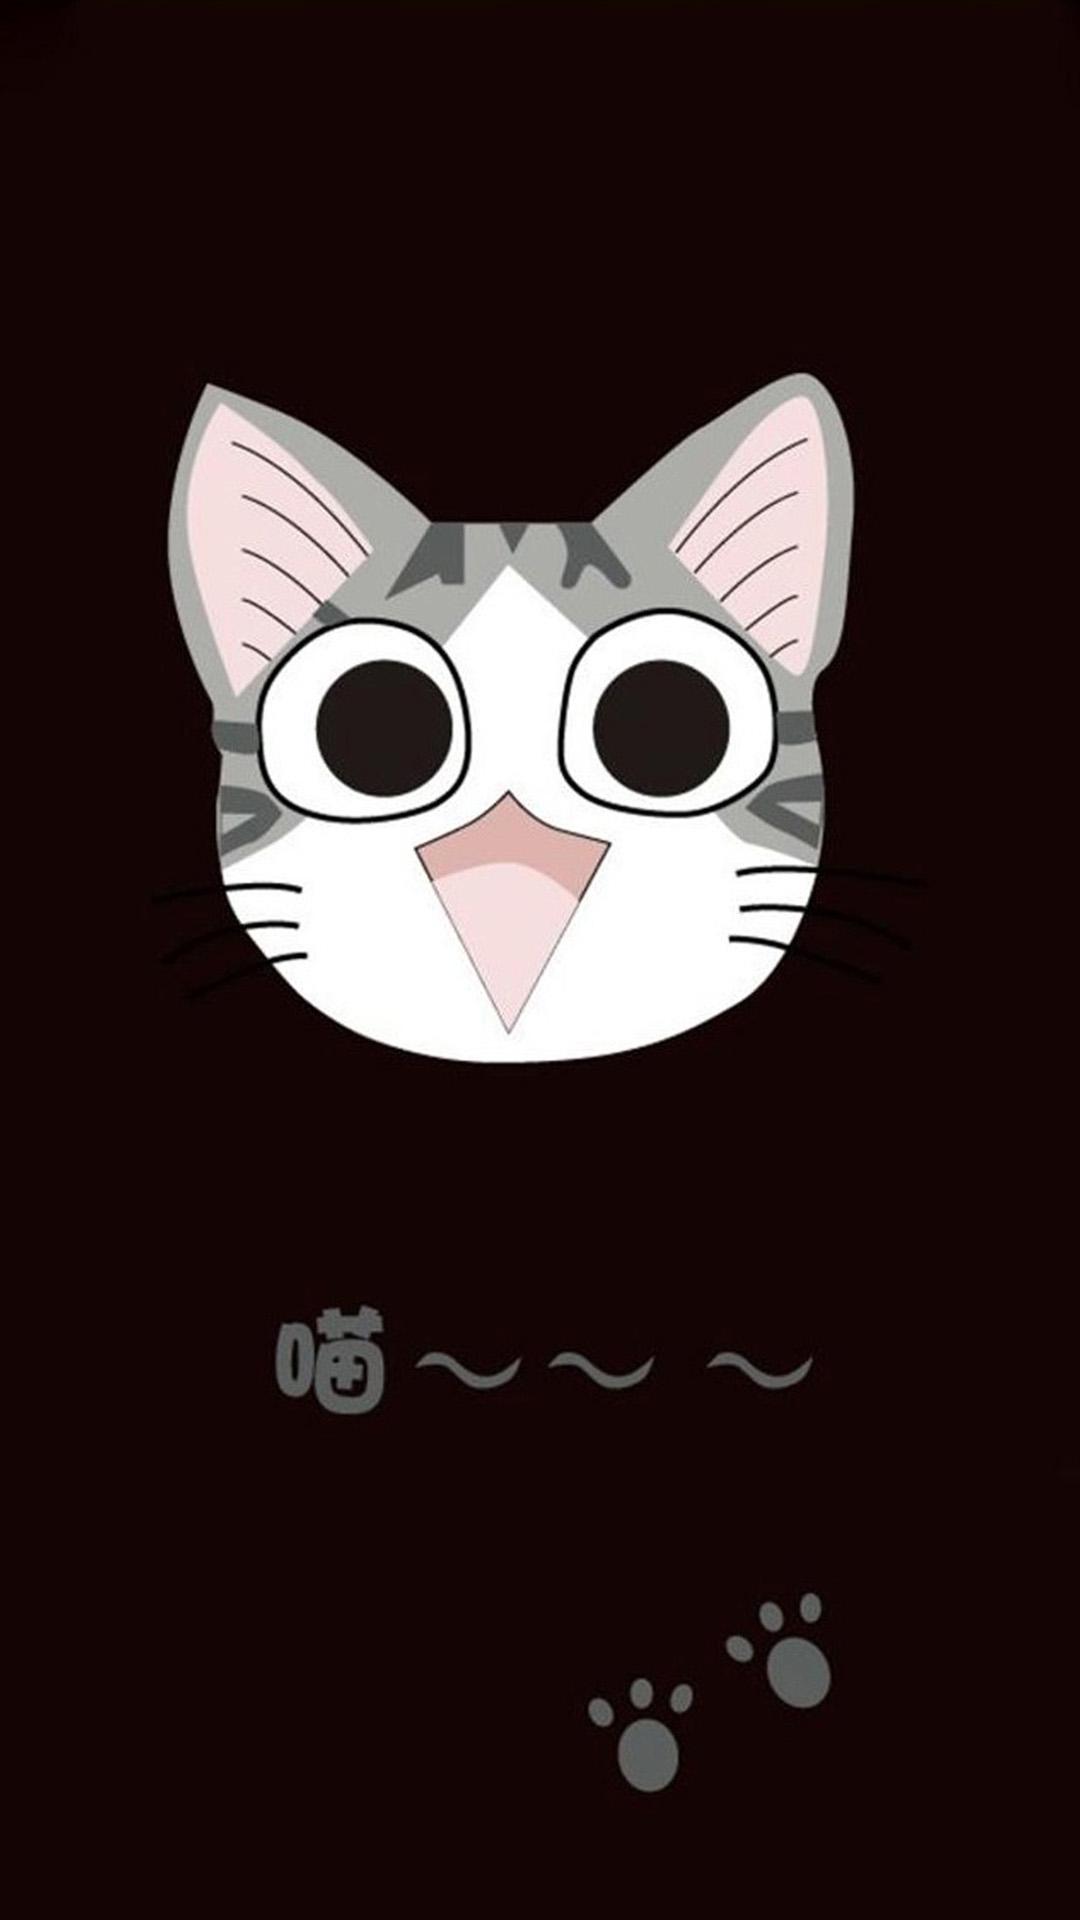 46+ Cute Cartoon Cat Wallpaper on WallpaperSafari